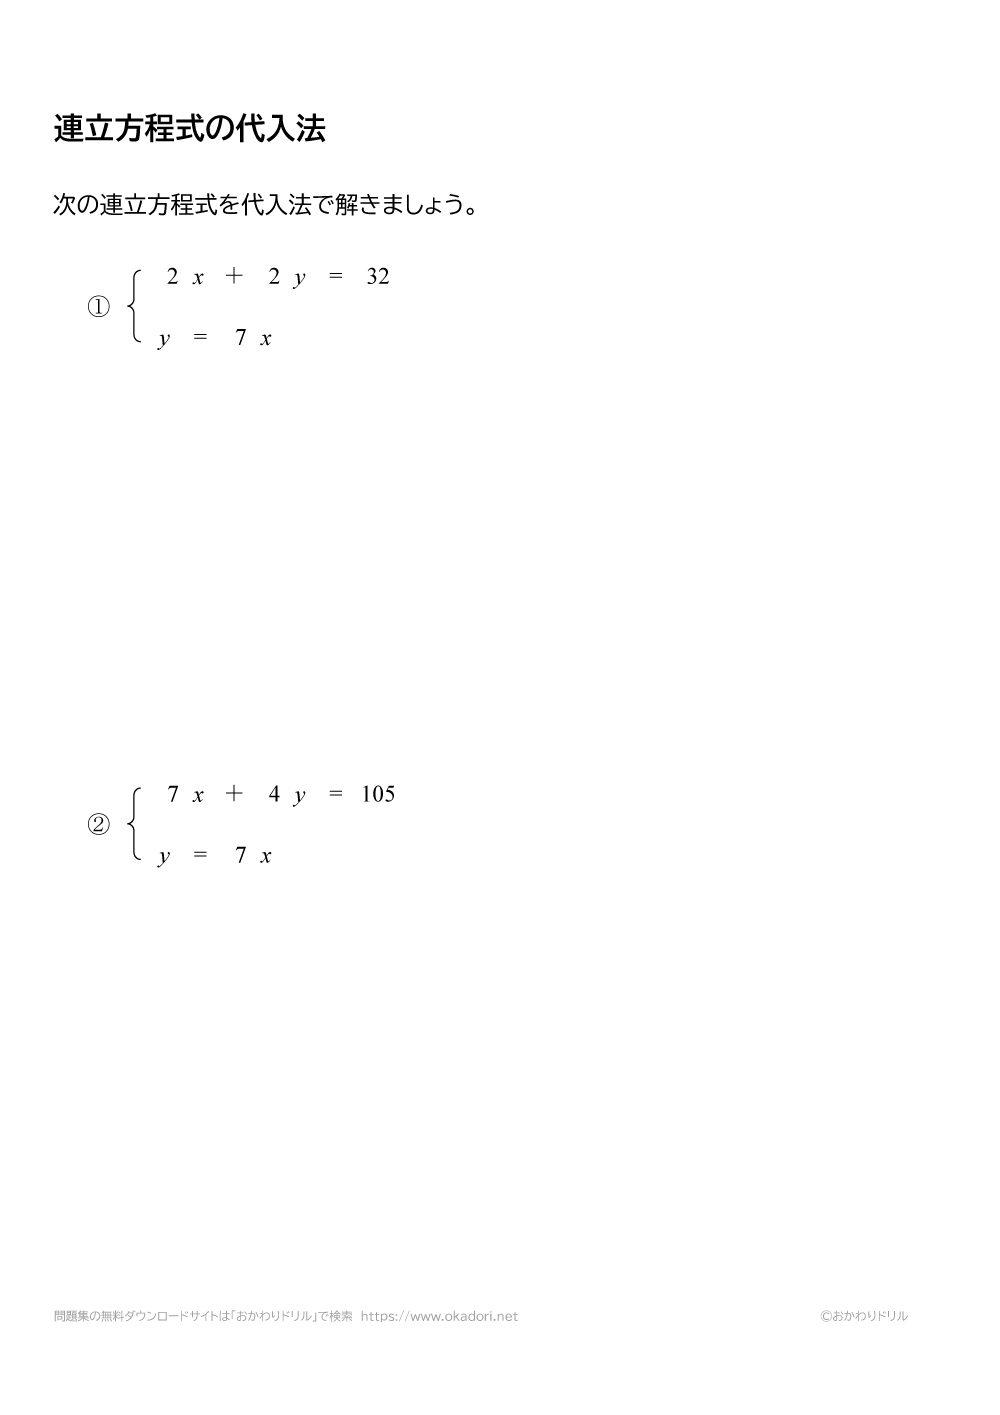 連立方程式を代入法で解く問題と答え4